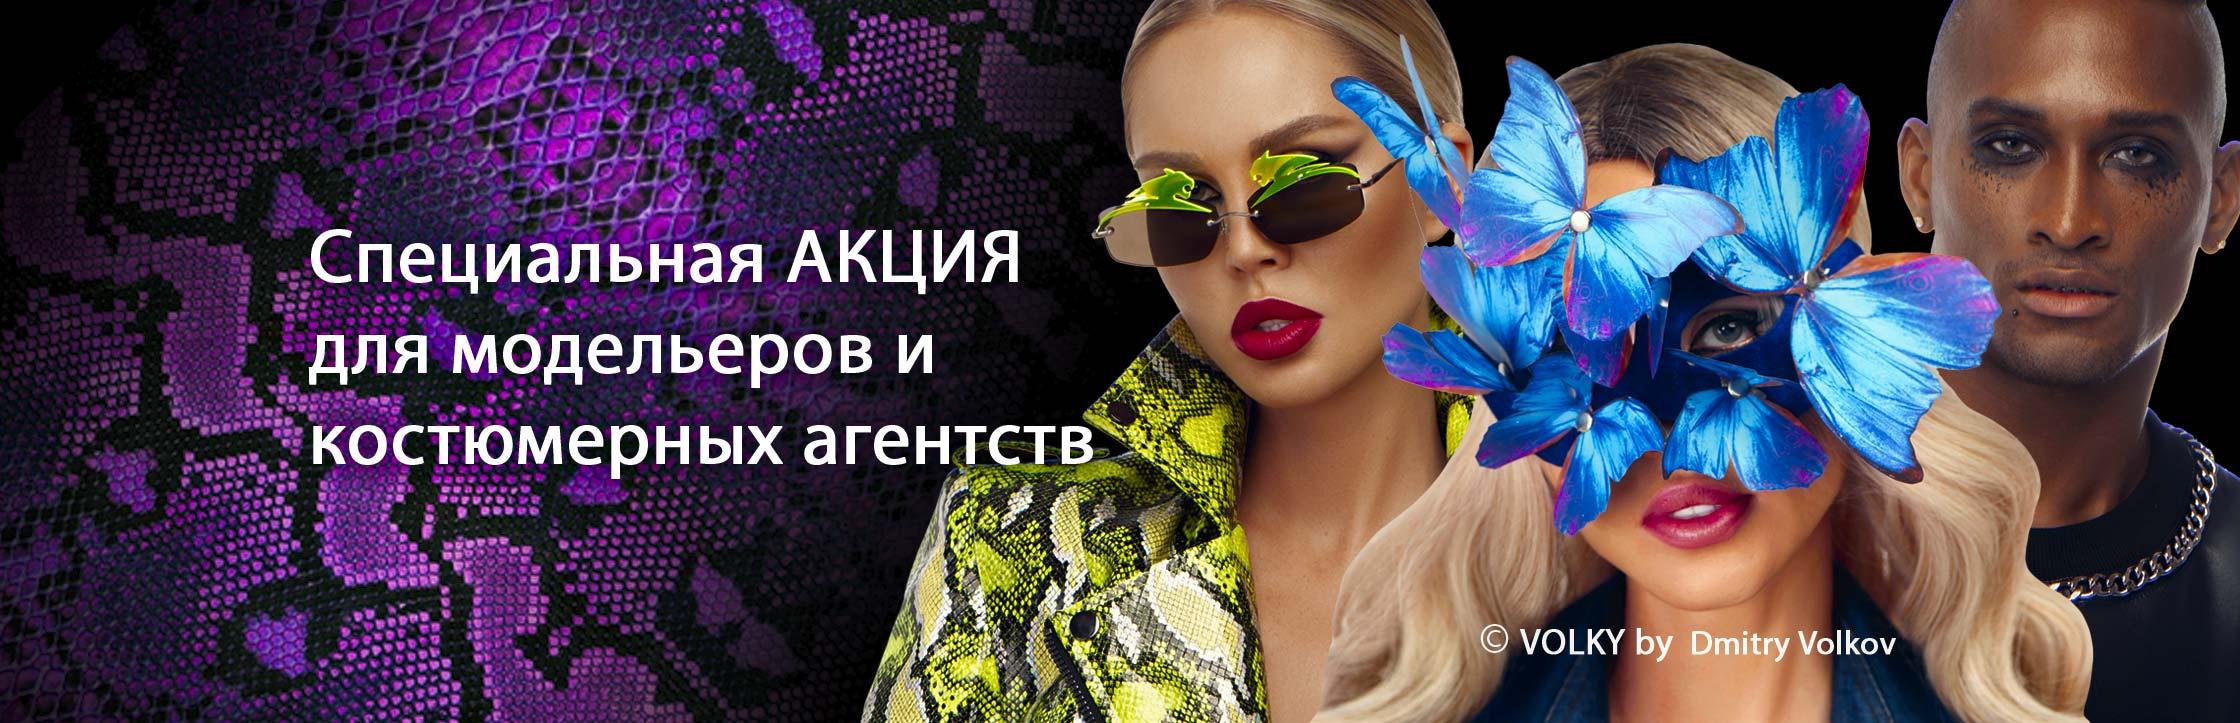 Специальная акция для дизайнеров и костюмерных агентств